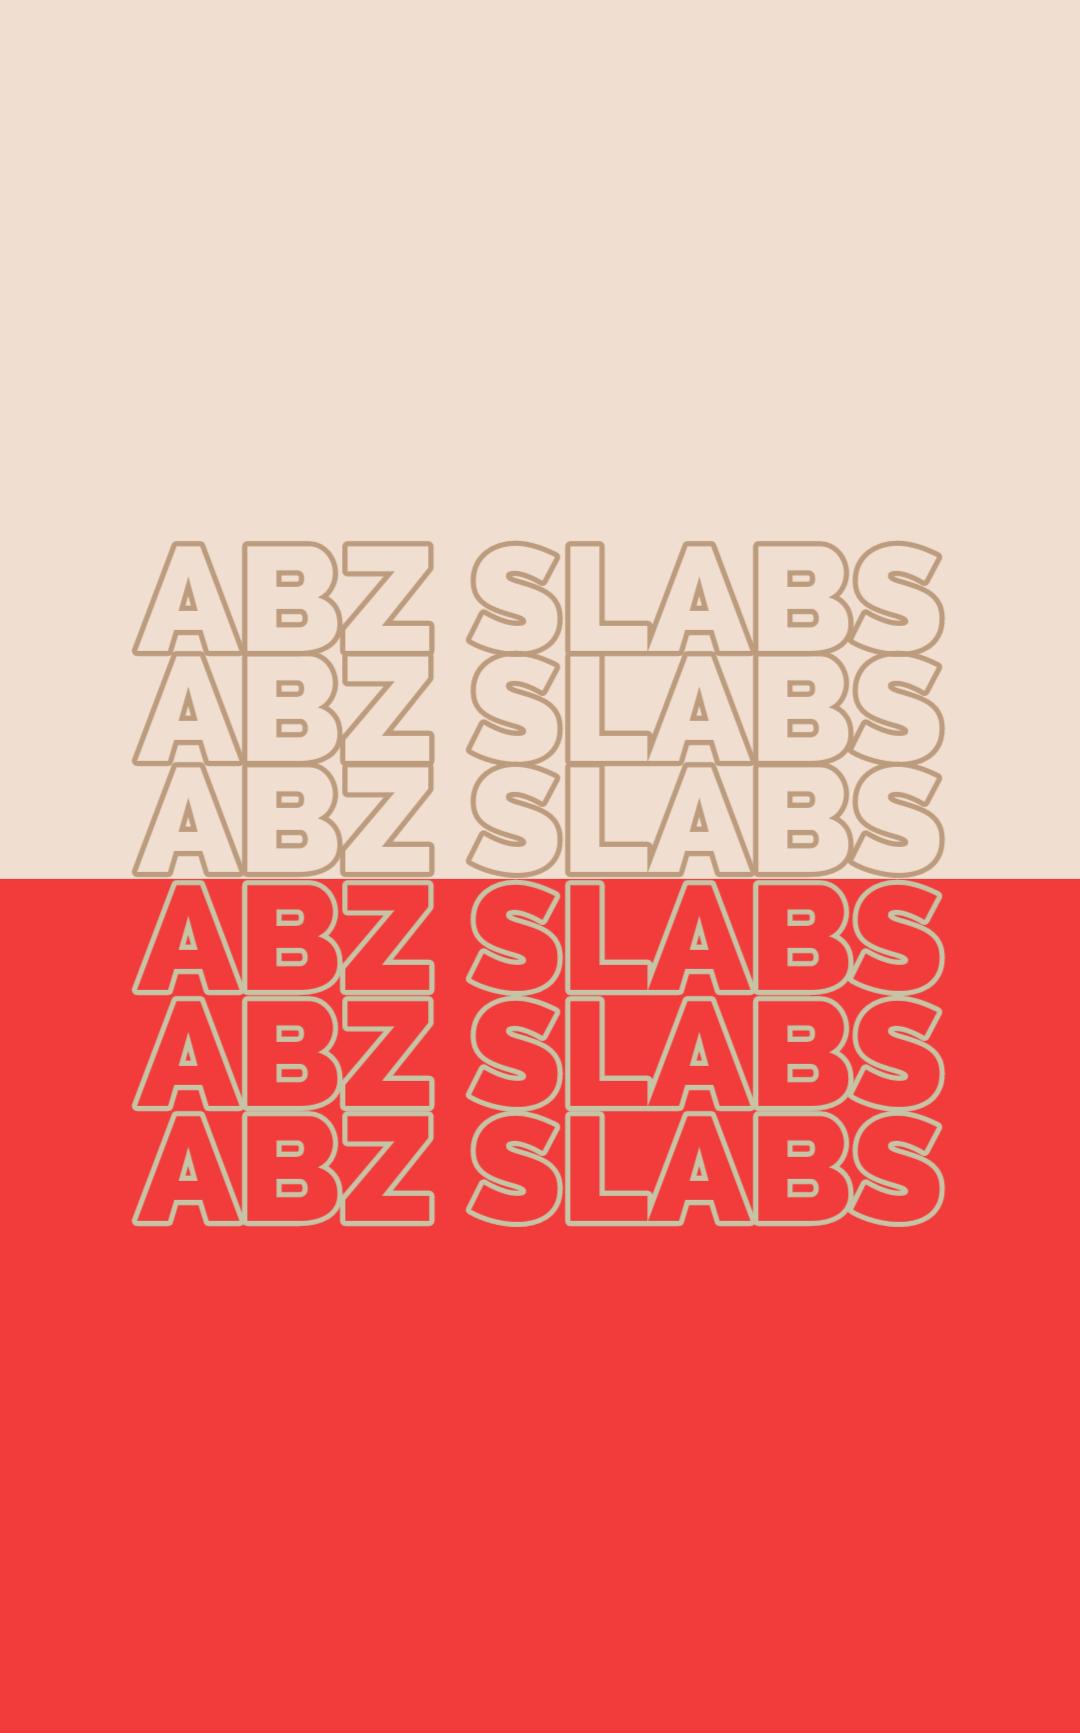 Abz Slabs